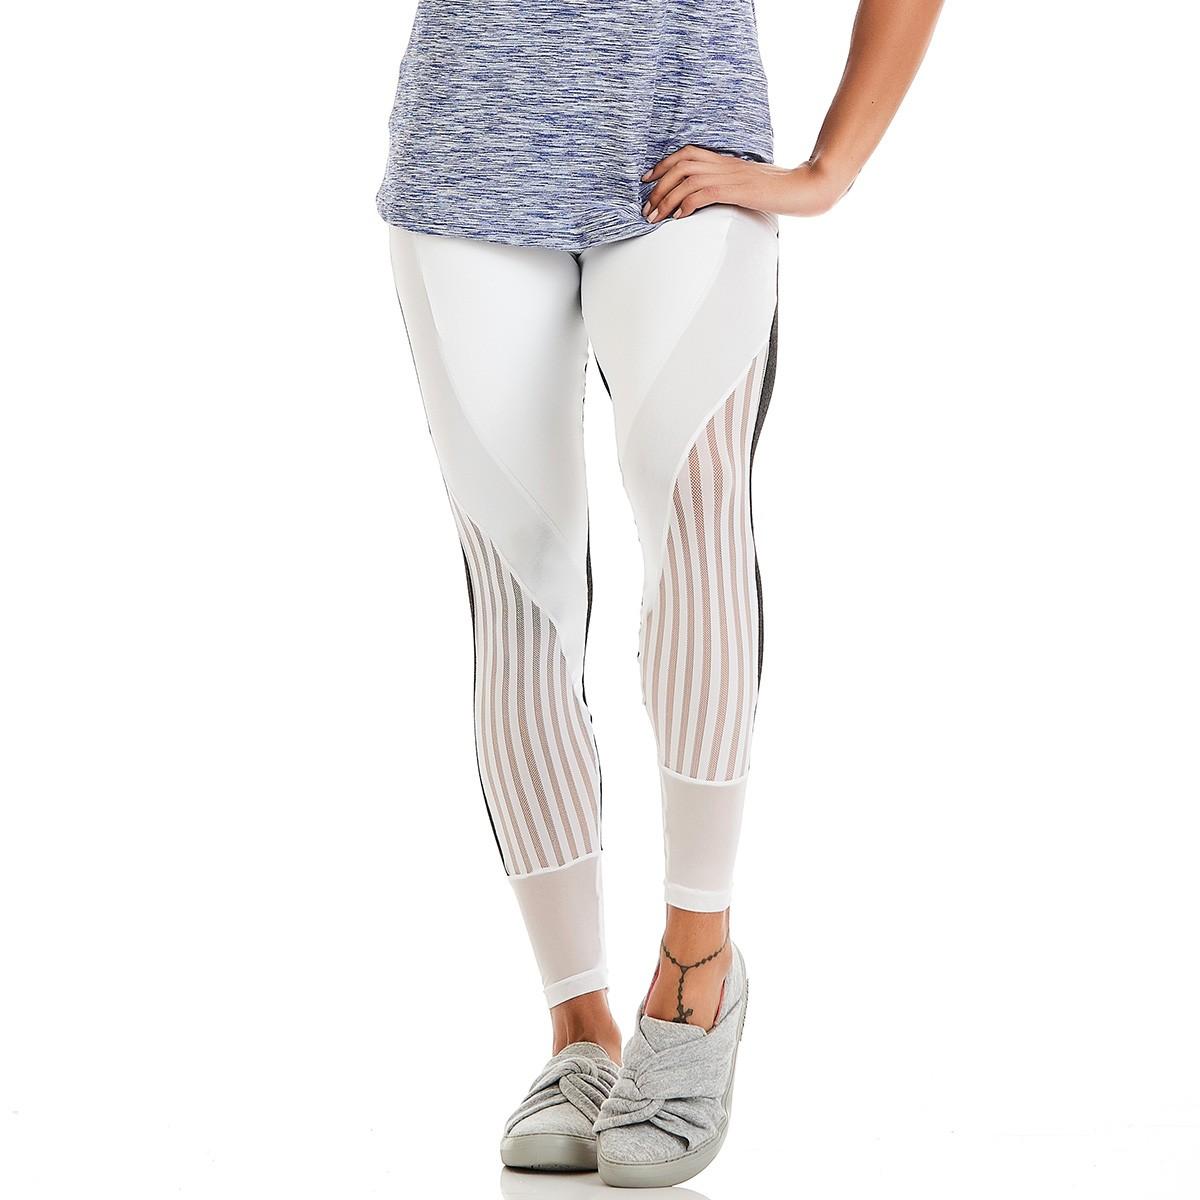 Legging Party Branco CAJUBRASIL Activewear